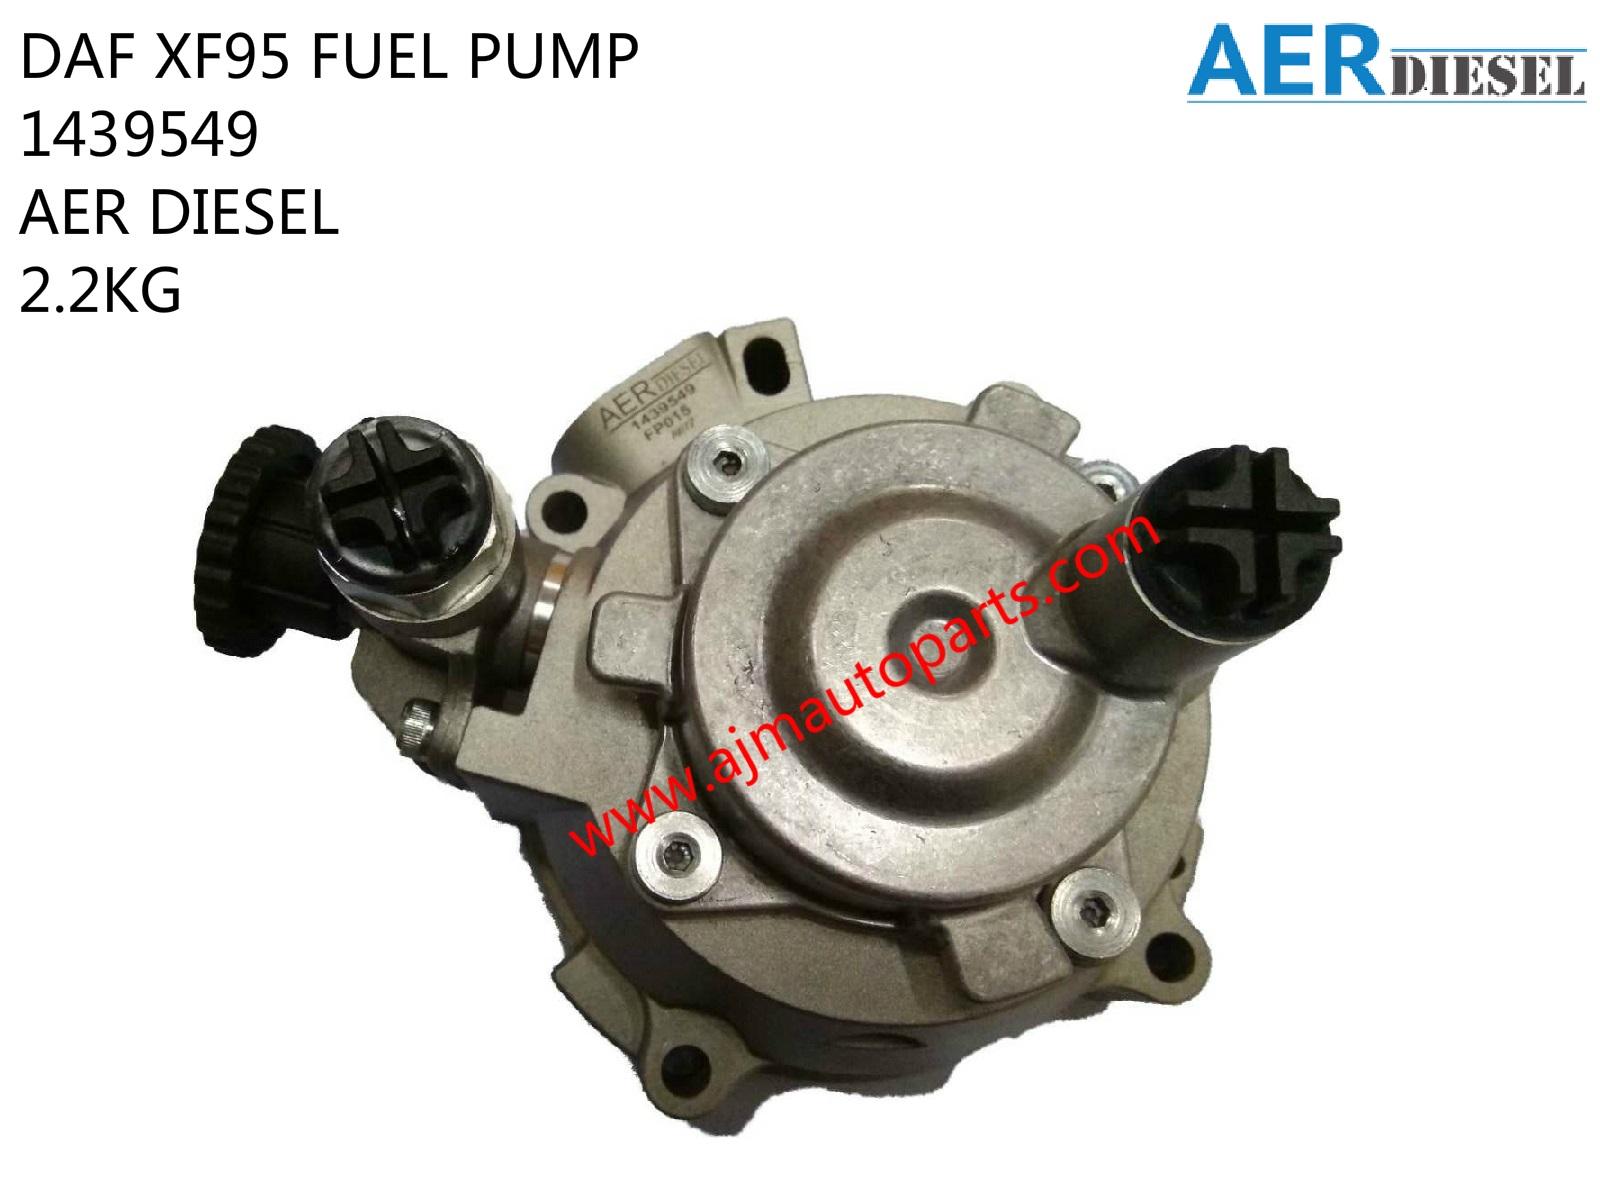 DAF XF95 FUEL PUMP-1439549